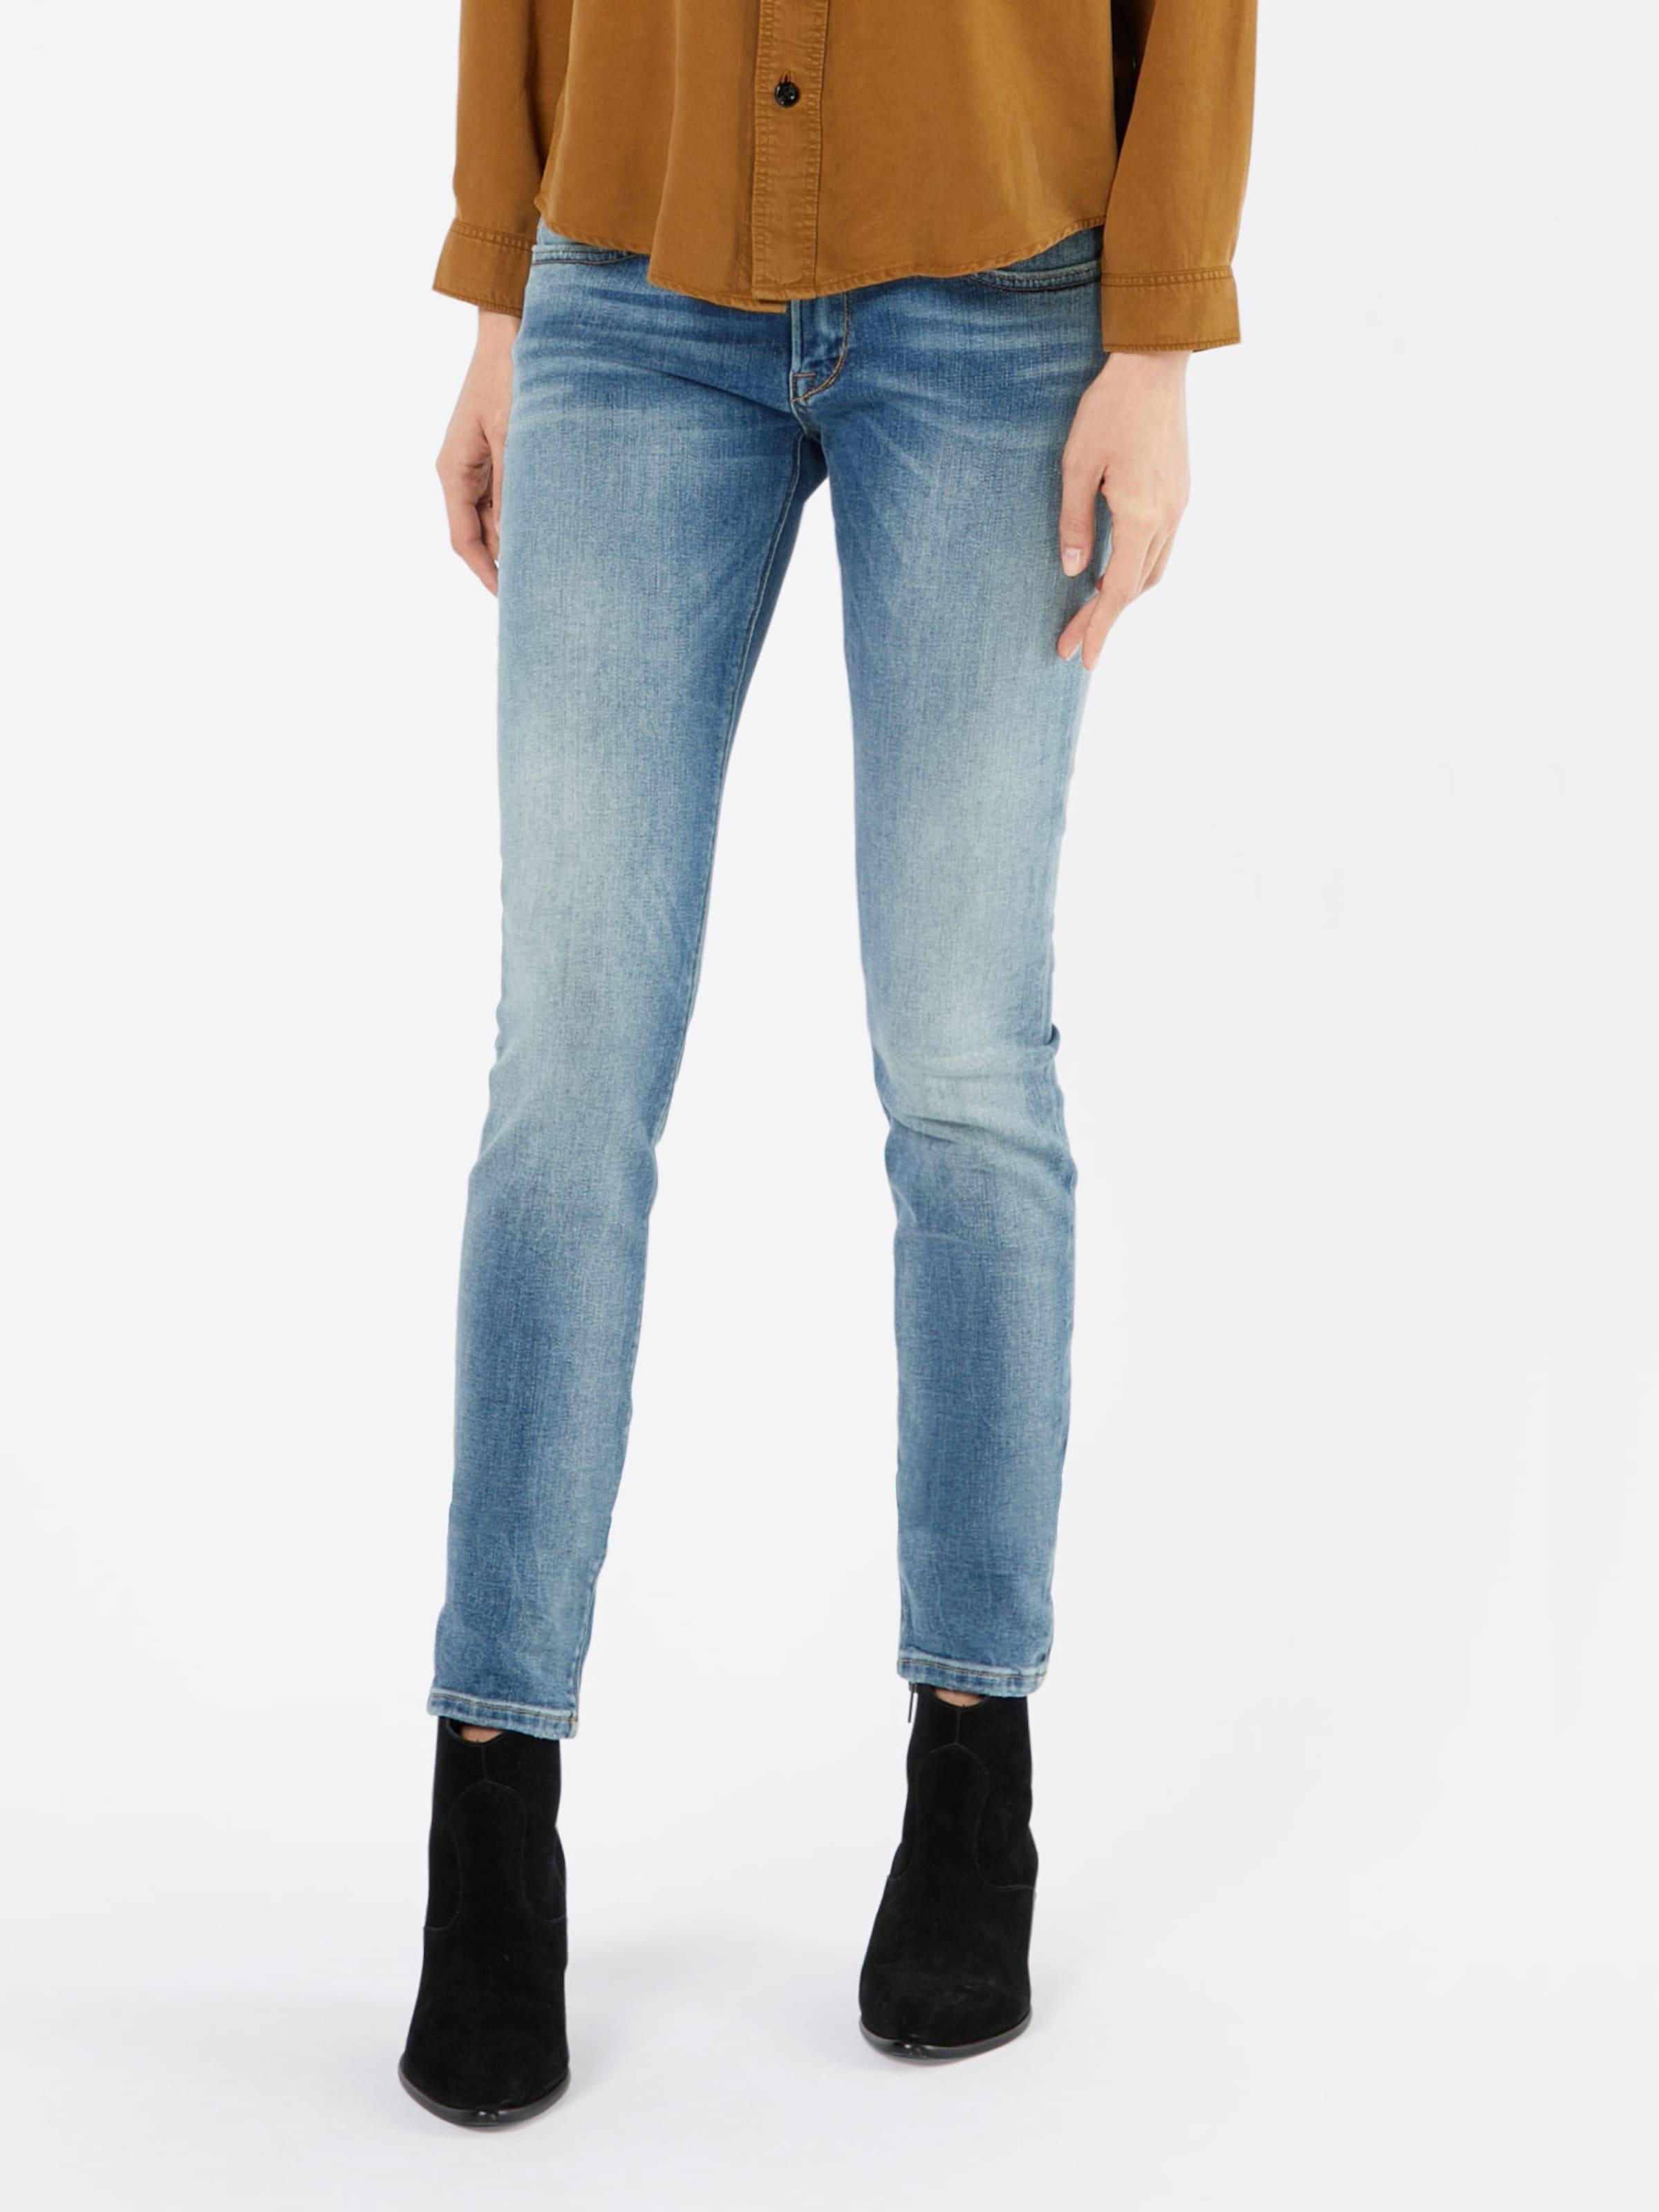 REPLAY 'LUZ' Slim Fit Jeans Billig Verkauf 100% Garantiert 2018 Neue Preiswerte Online xK9cqls6